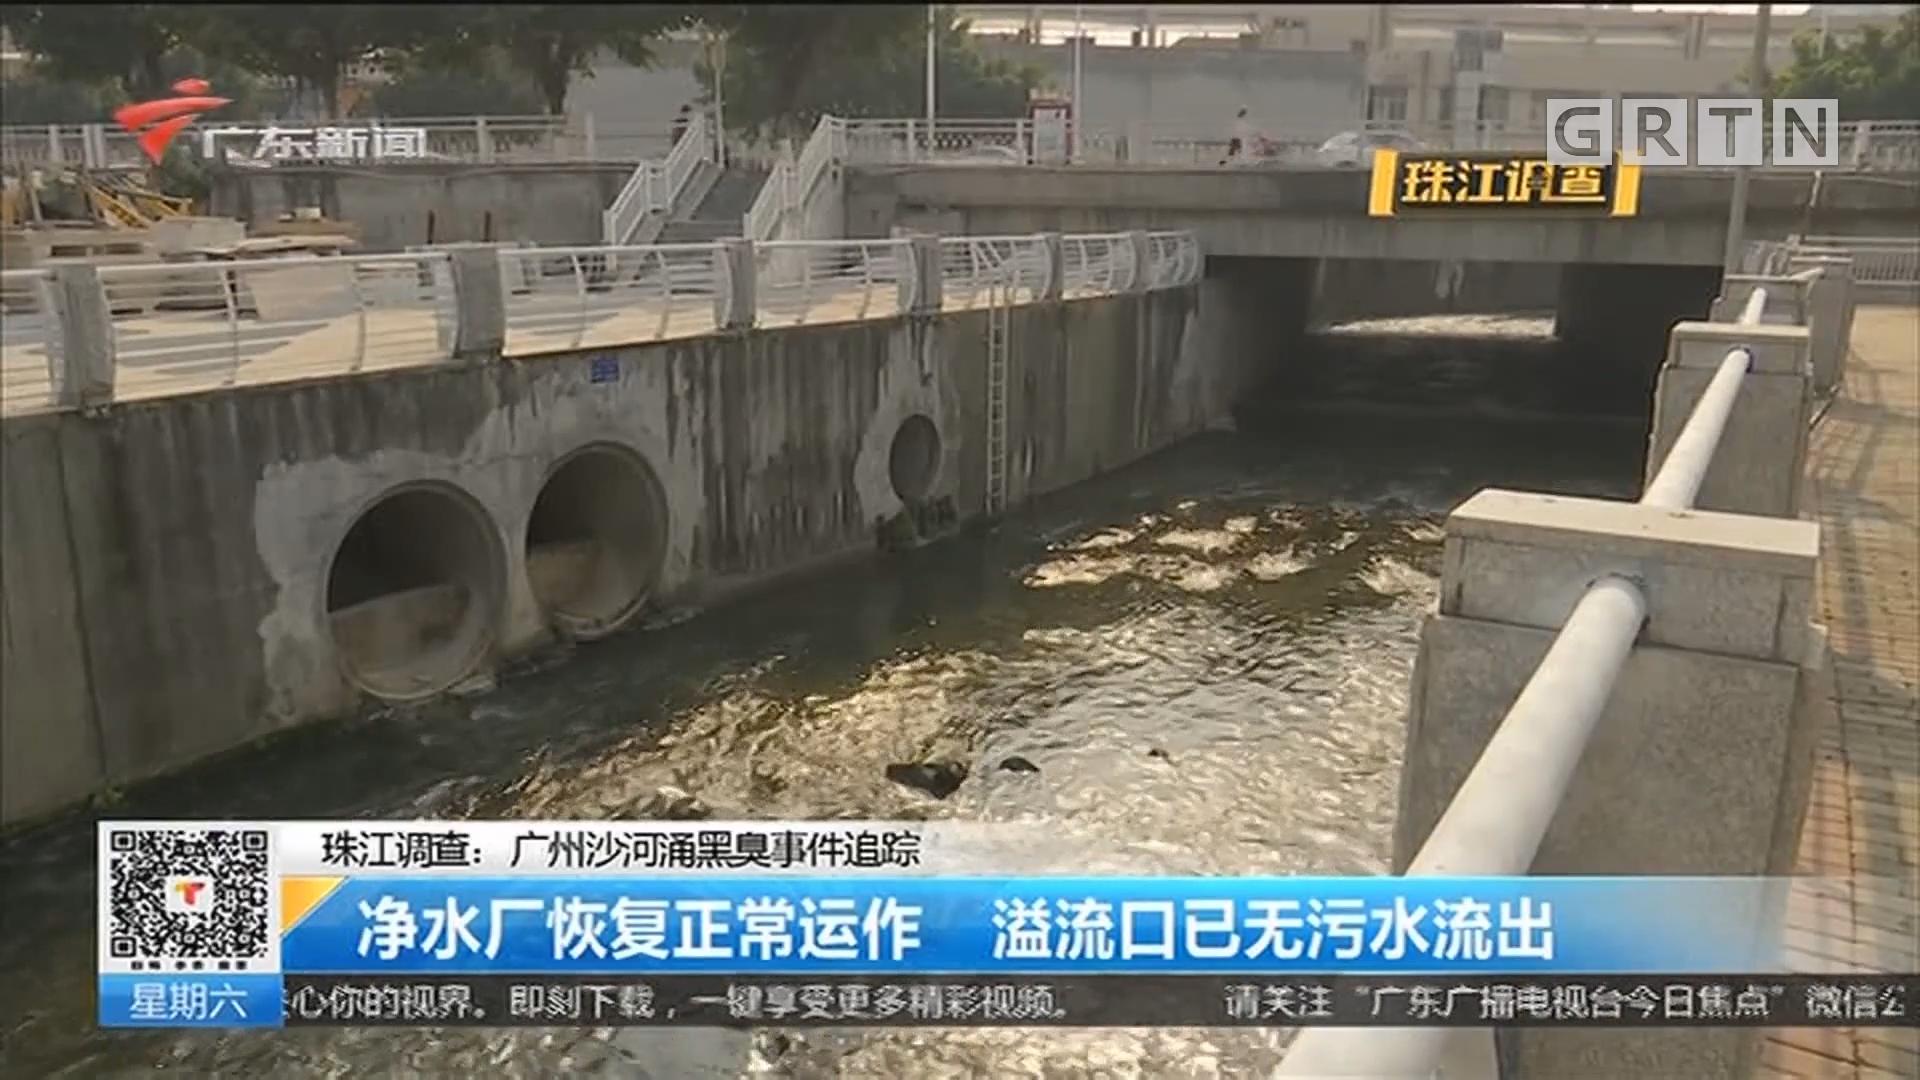 珠江调查:广州沙河涌黑臭事件追踪 净水厂恢复正常运作 溢流口已无污水流出